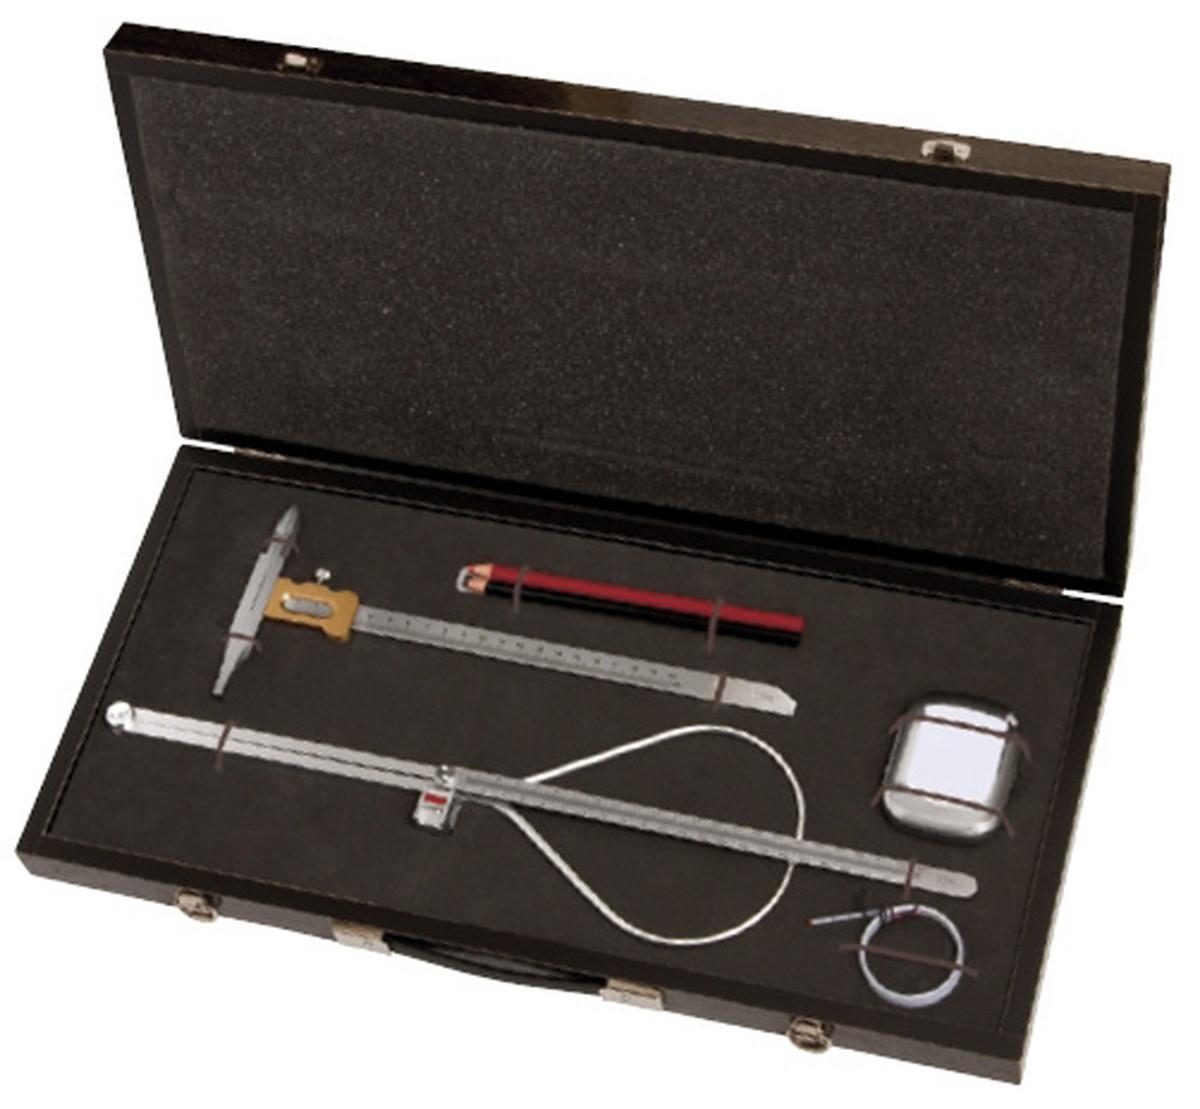 【送料無料】-マルチン式人体測定器セット MB 品番 my24-4949-00-- 1入り-【MY医科器機】